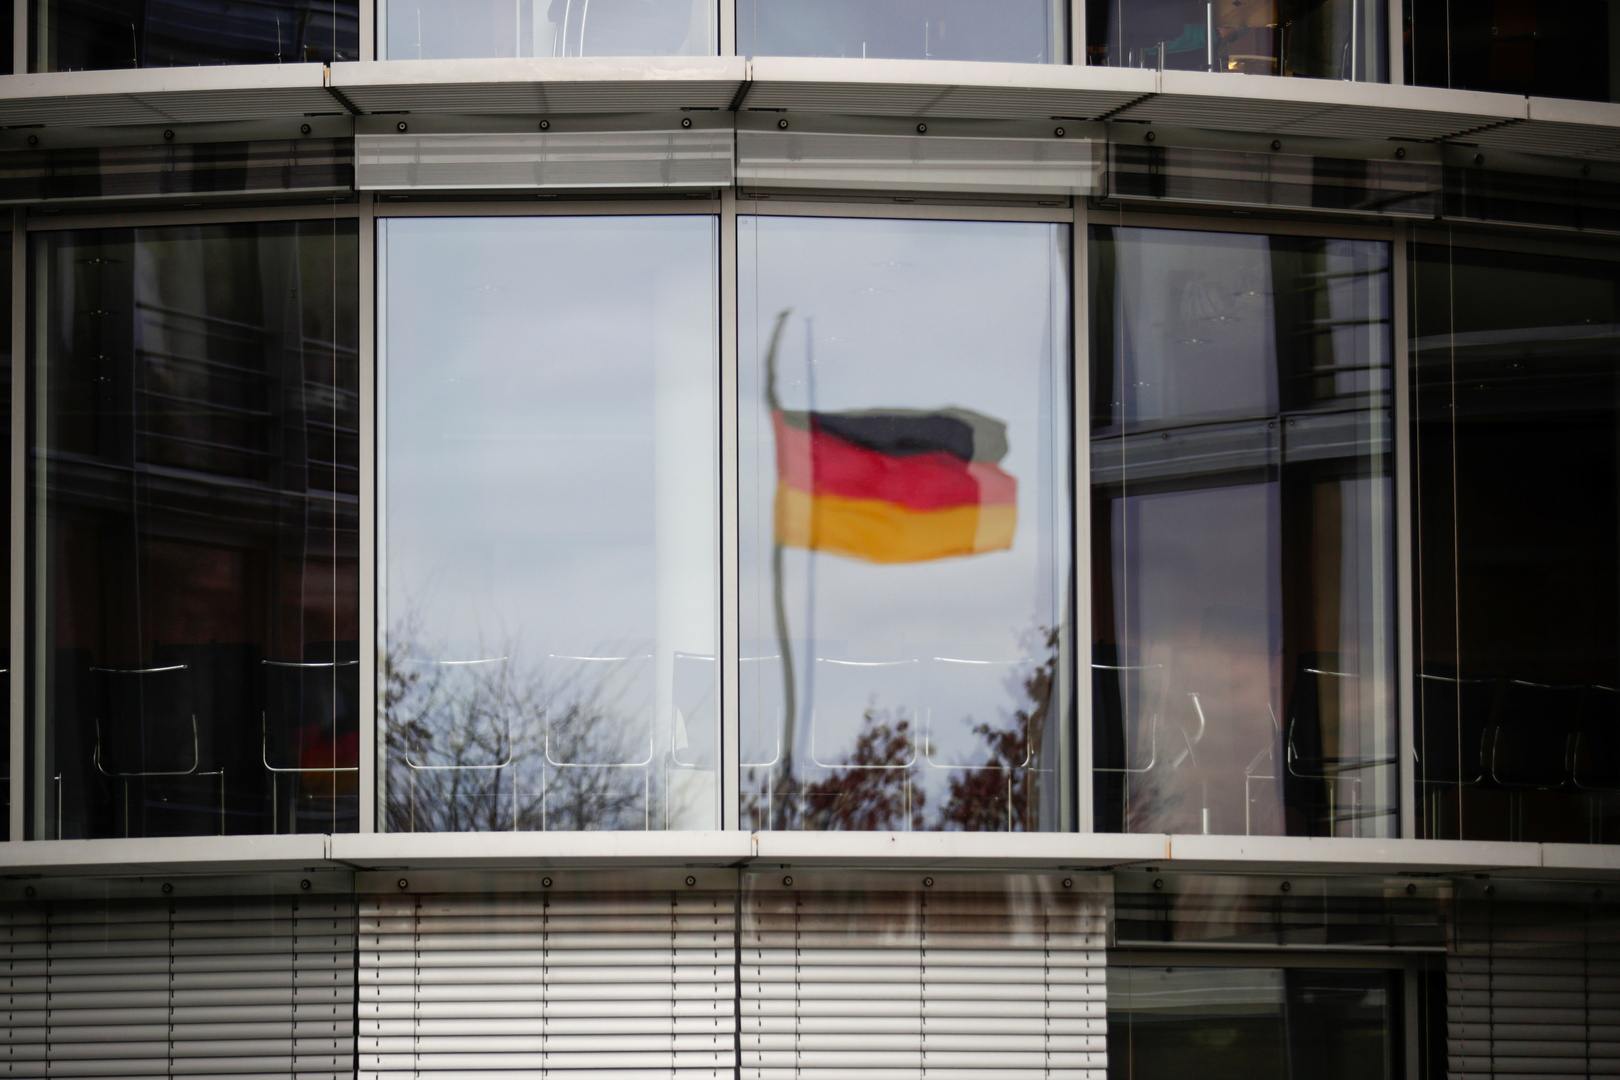 محكمة ألمانية تصدر حكما على عراقي بالسجن بتهمة تجنيد مقاتلين لتنظيم